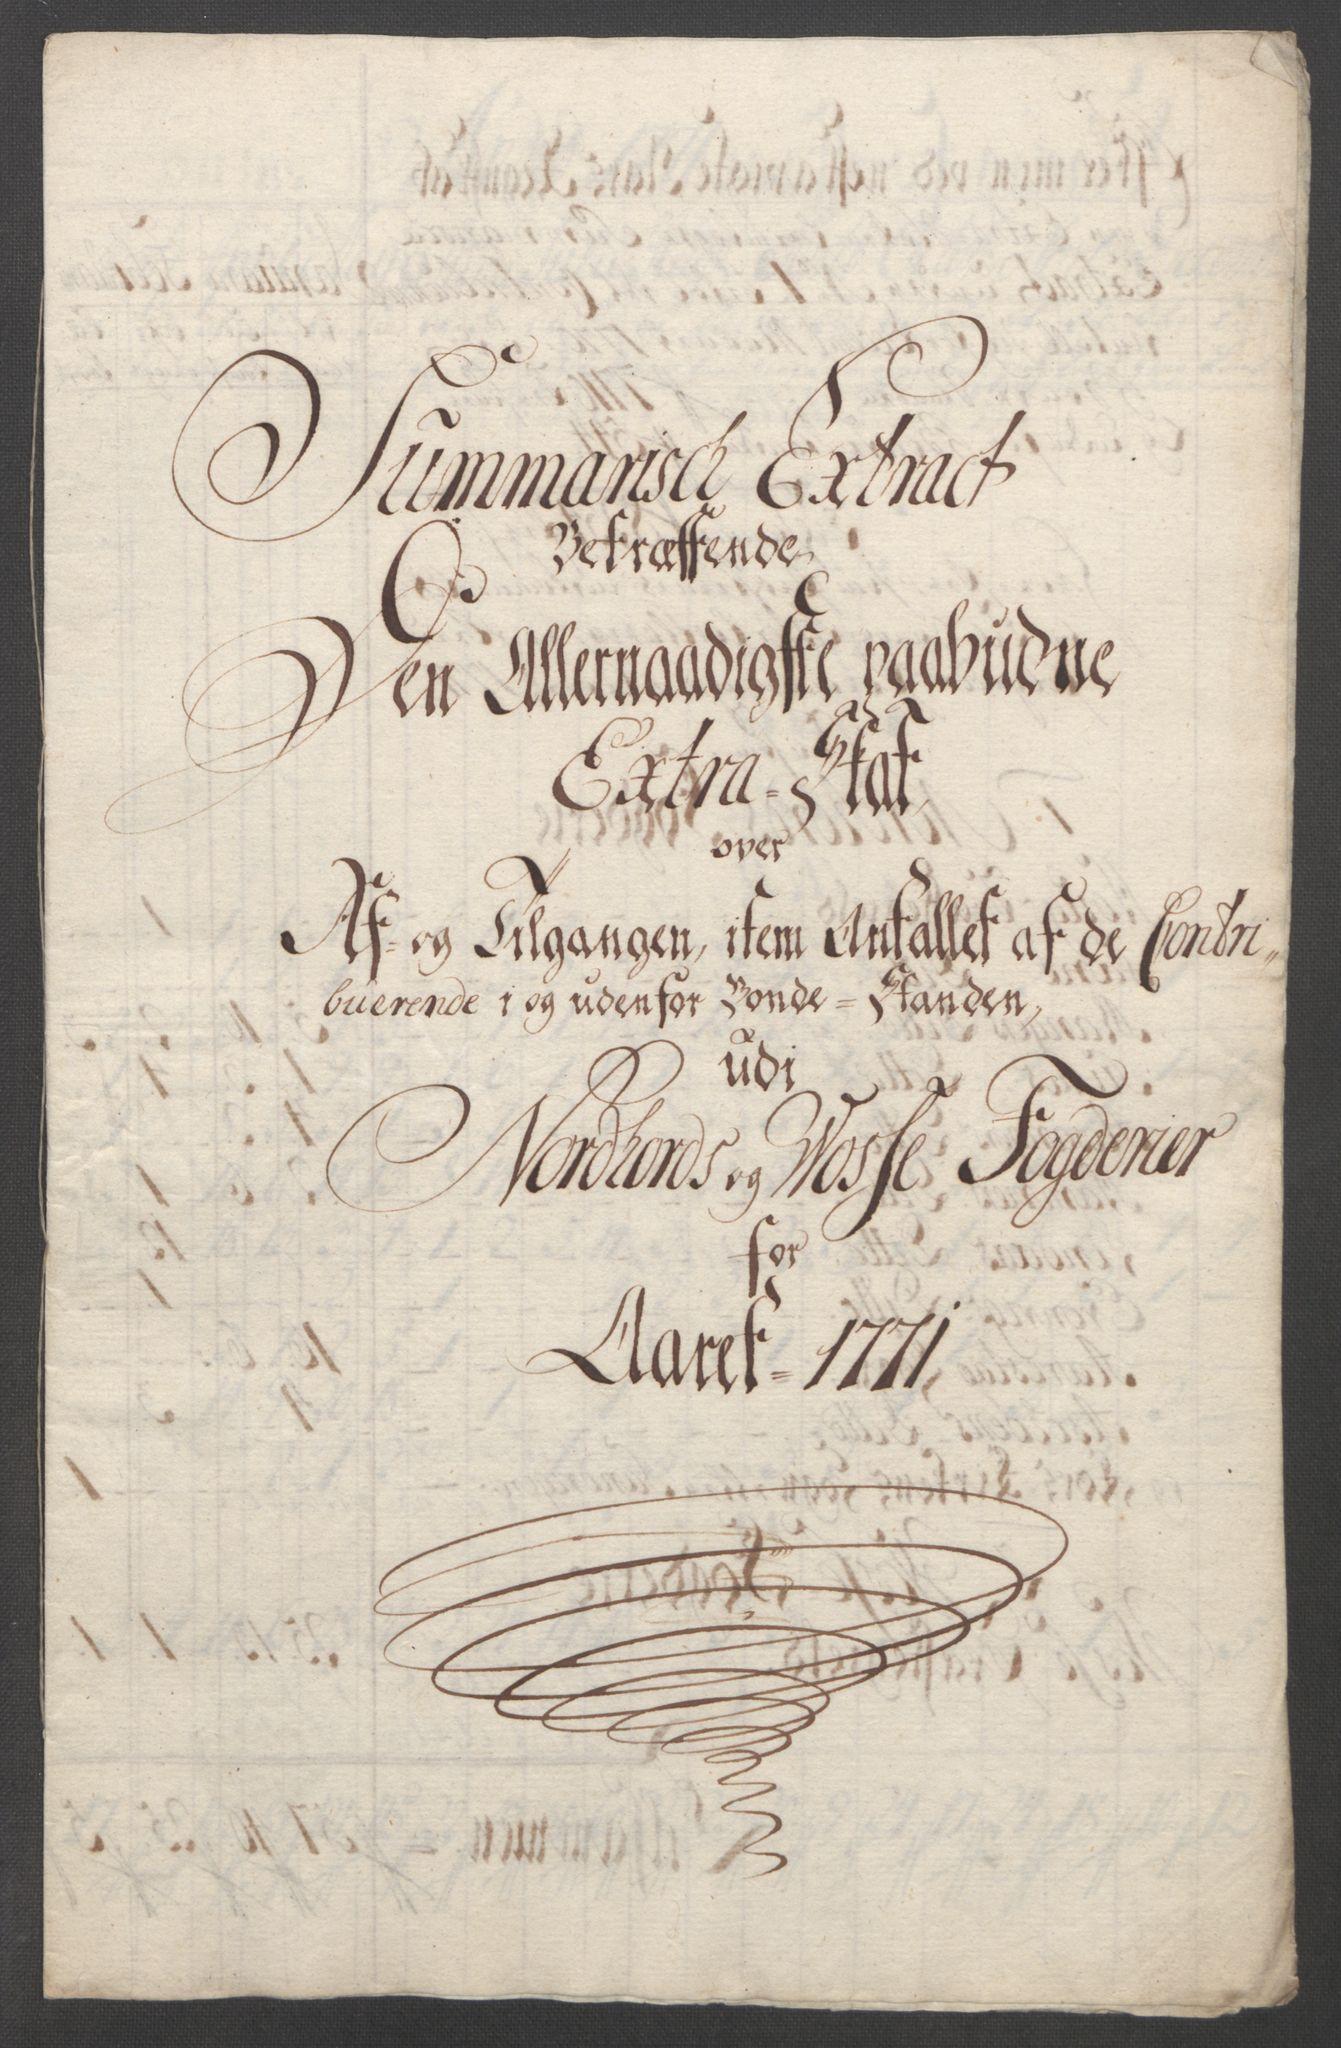 RA, Rentekammeret inntil 1814, Reviderte regnskaper, Fogderegnskap, R51/L3303: Ekstraskatten Nordhordland og Voss, 1762-1772, s. 590